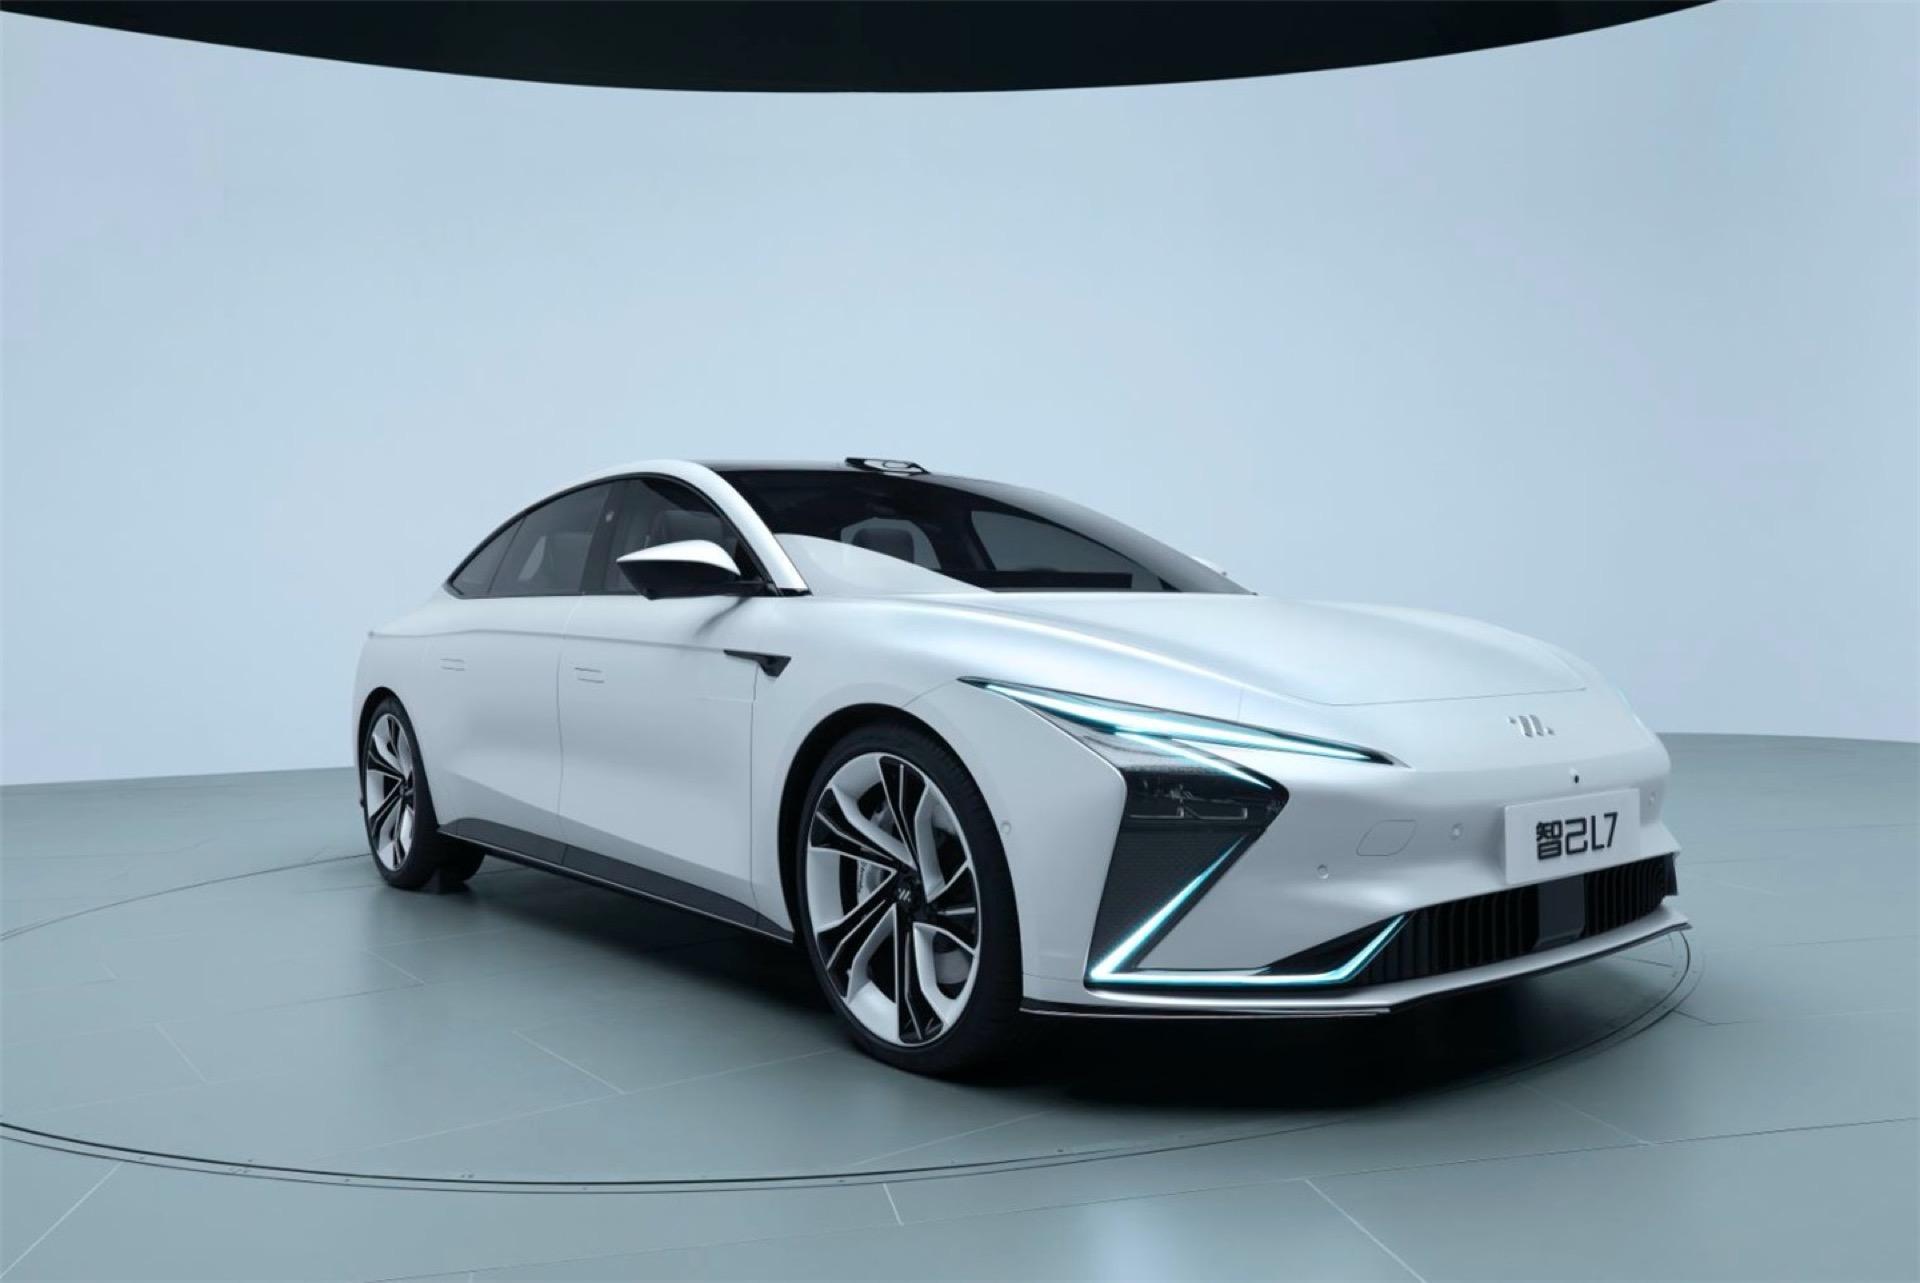 Preview Auto Shanghai 2021 AutoinfoOnline (7)